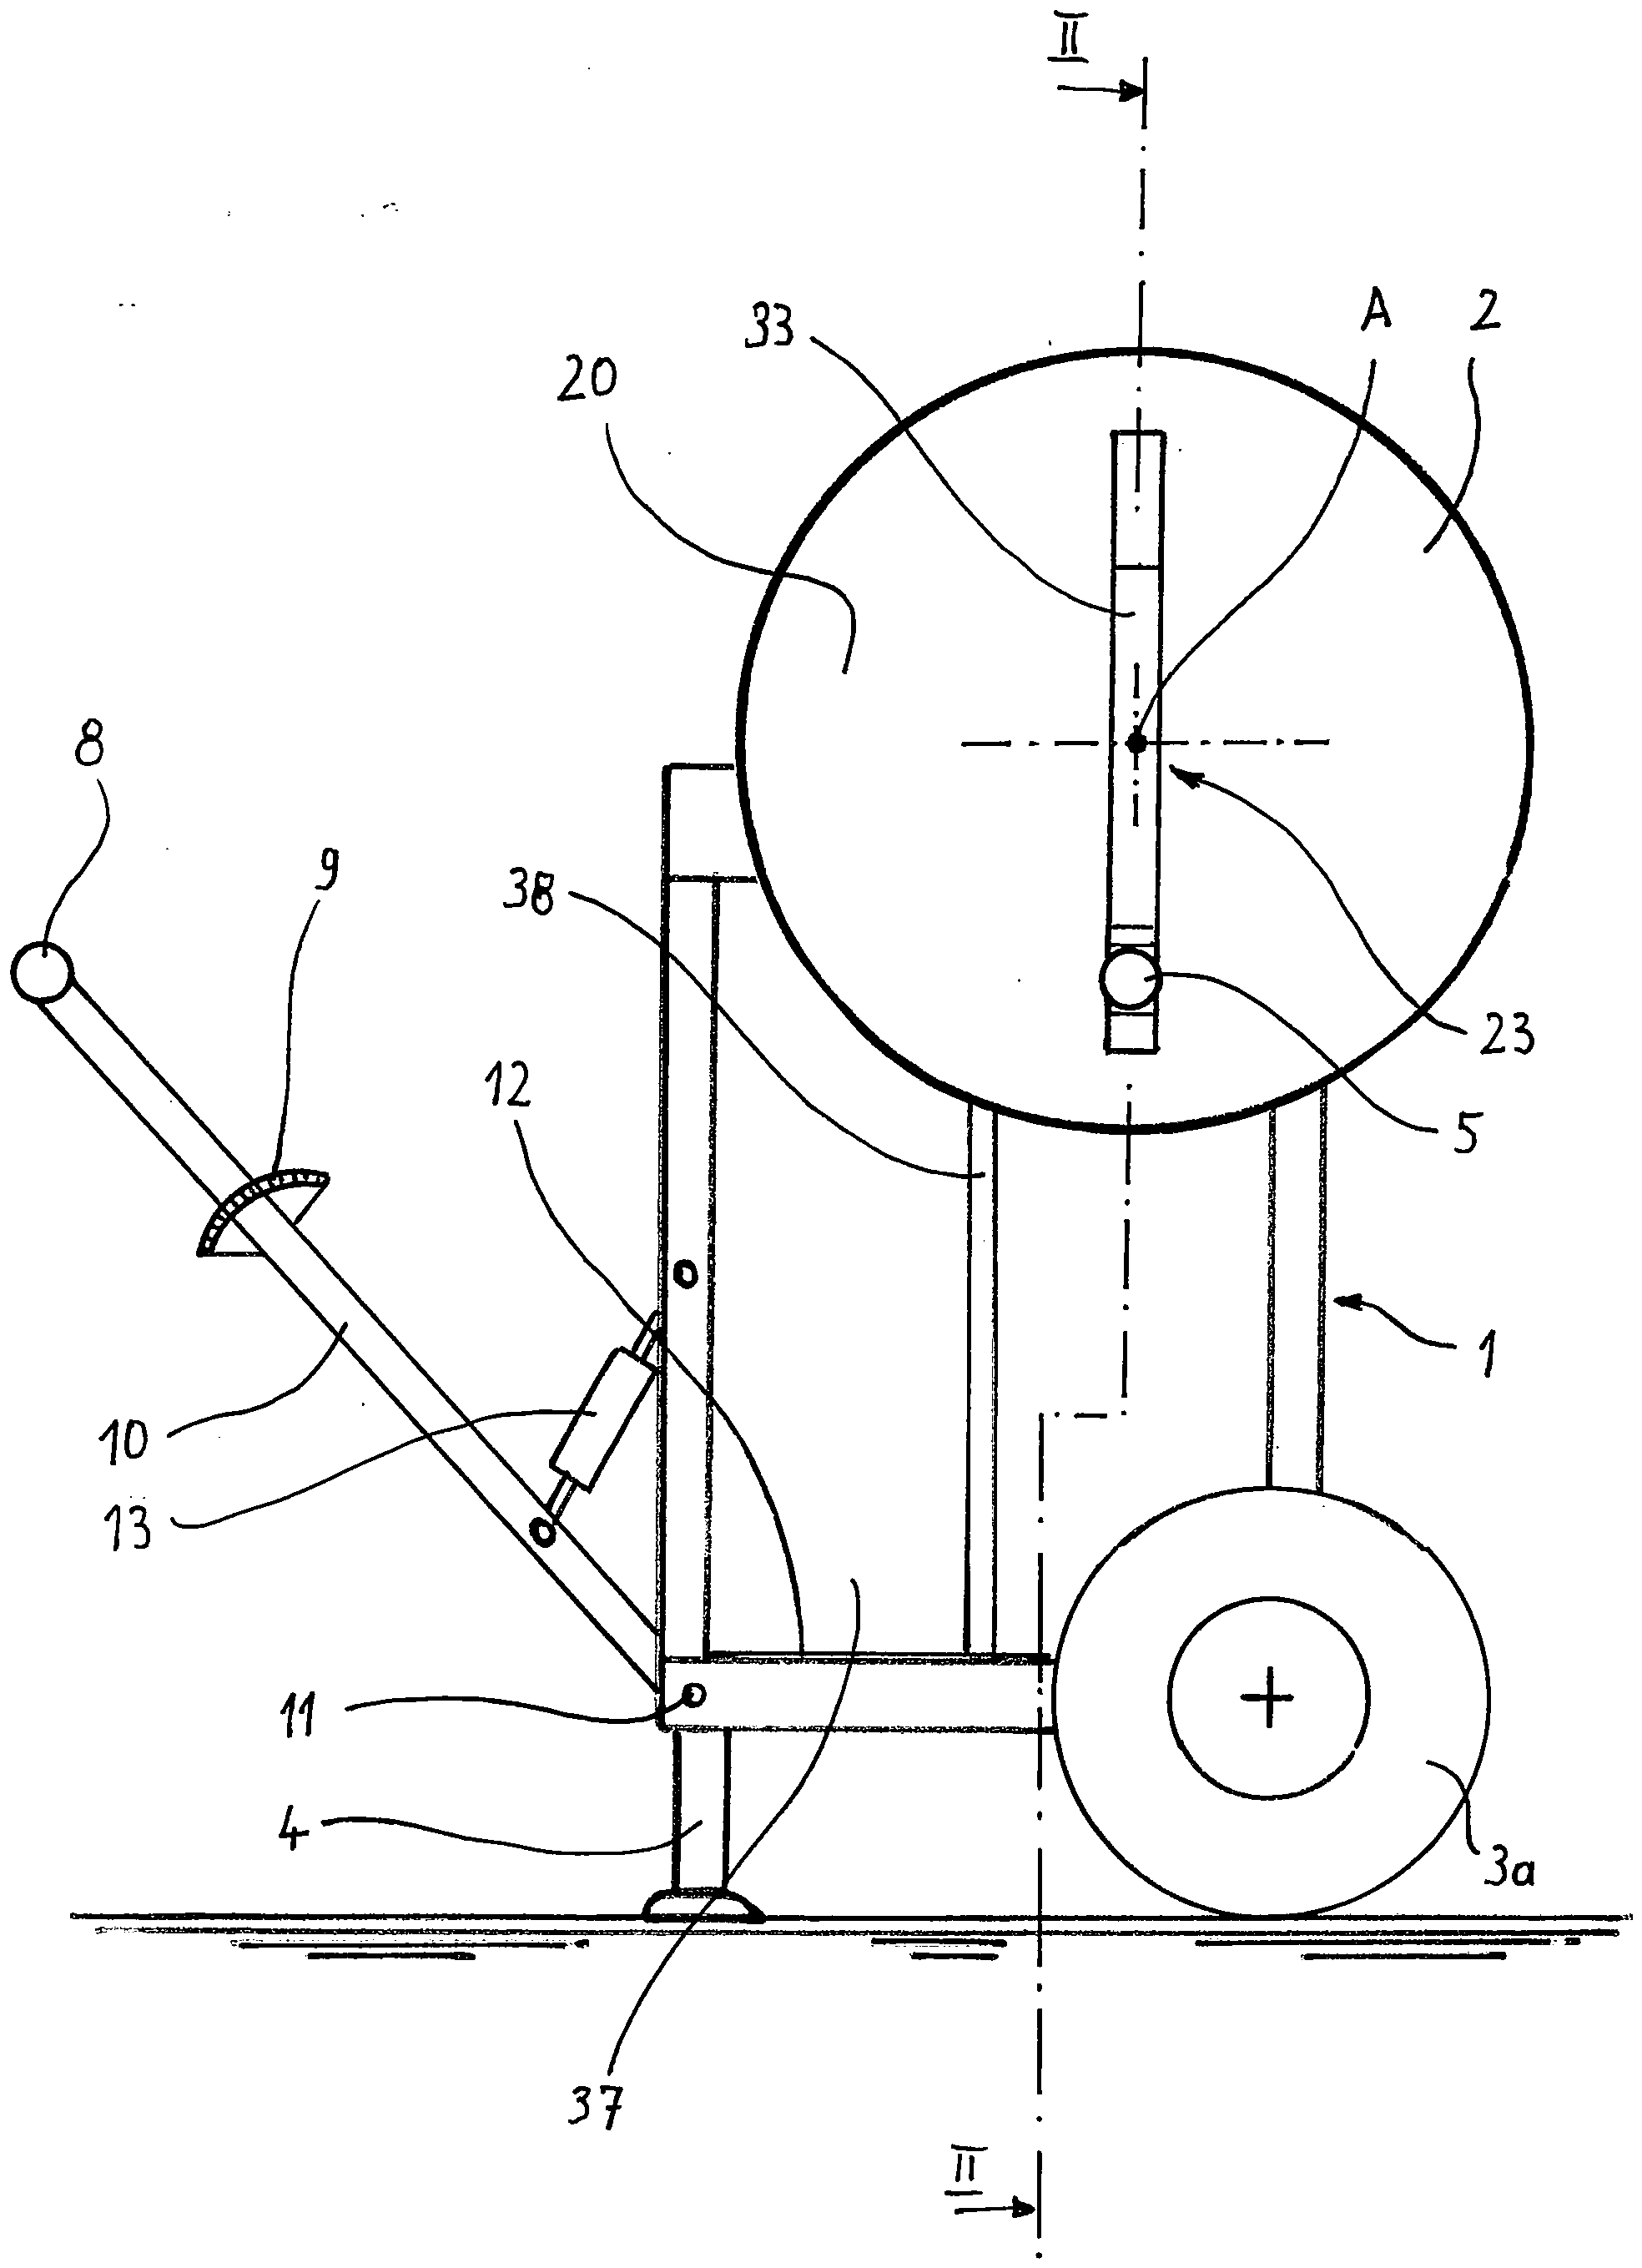 Figure DE202019103662U1_0000